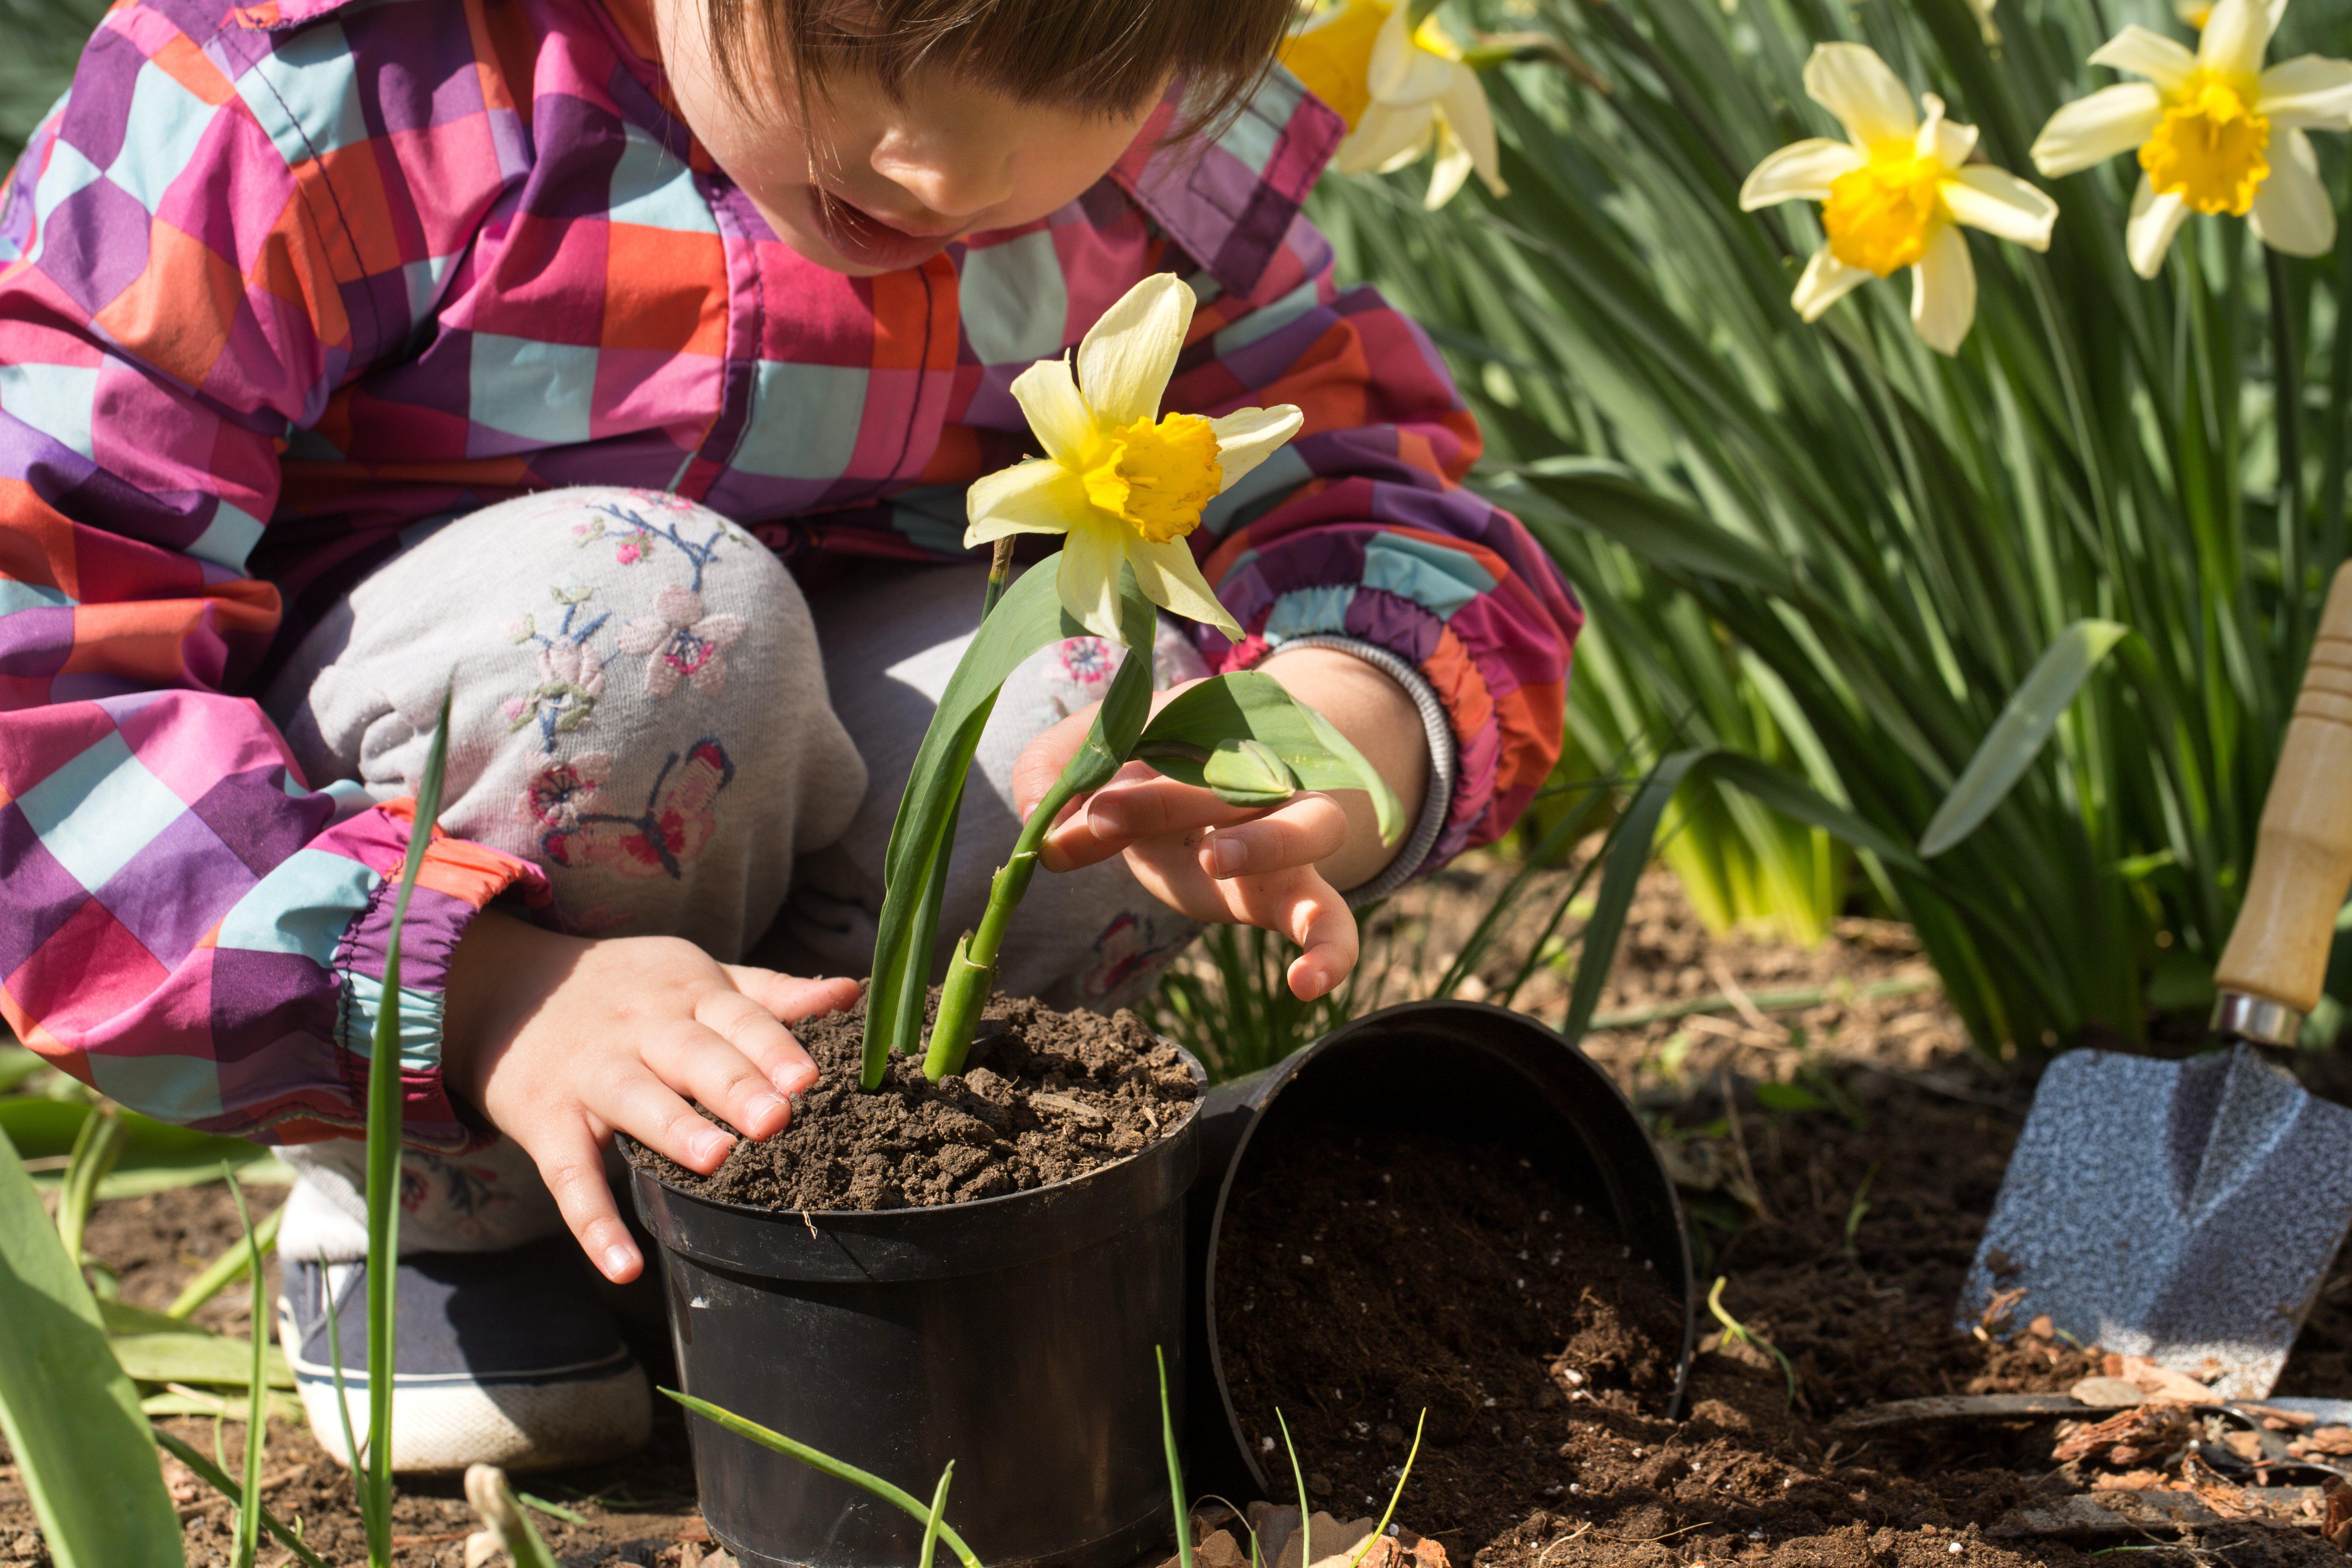 little-girl-planting-flowers-in-the-garden